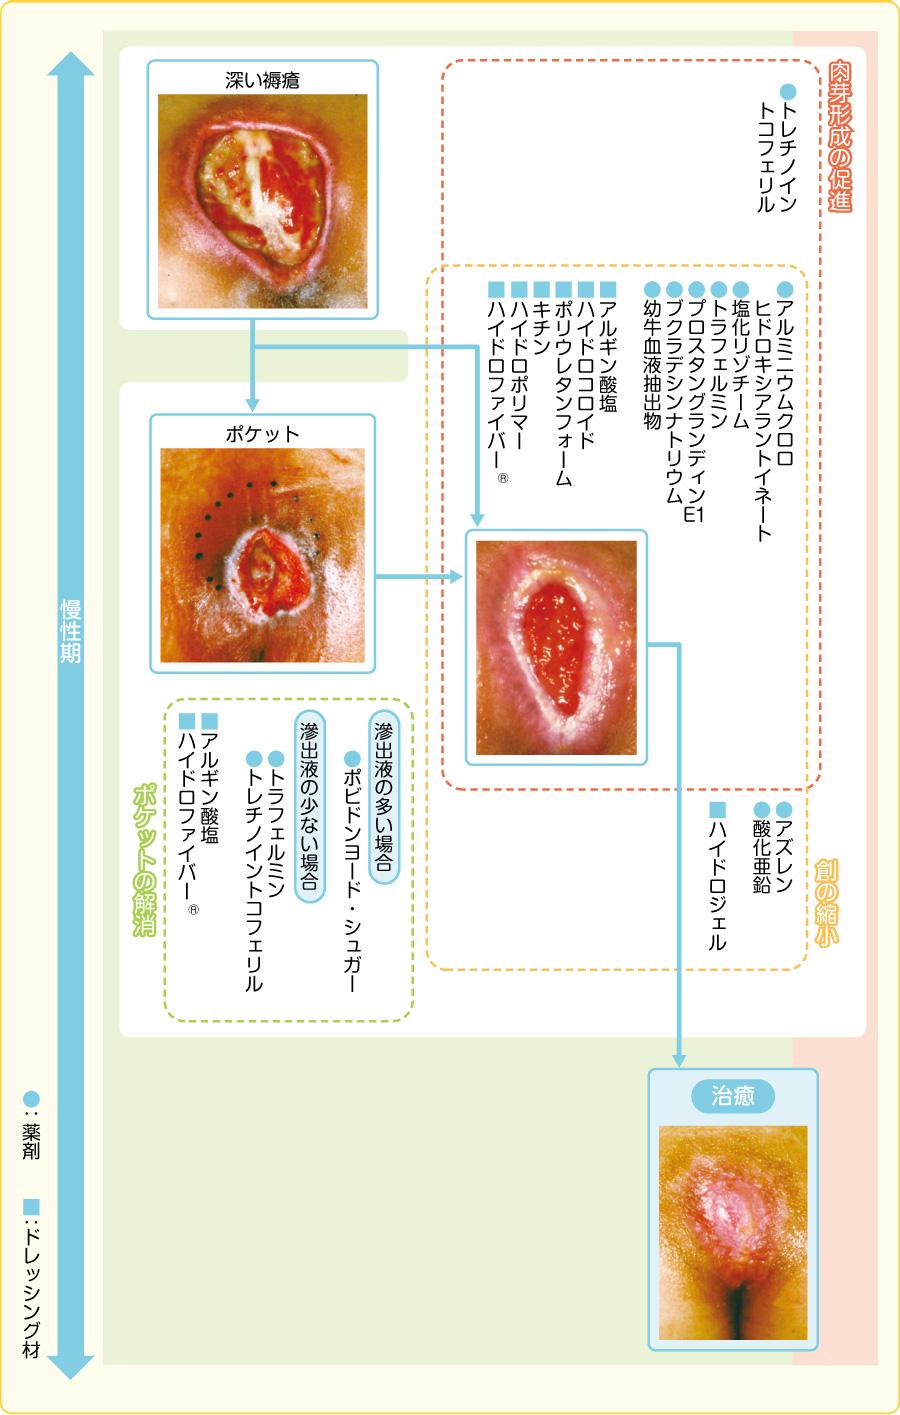 深い褥瘡の肉芽・上皮形成期での治療